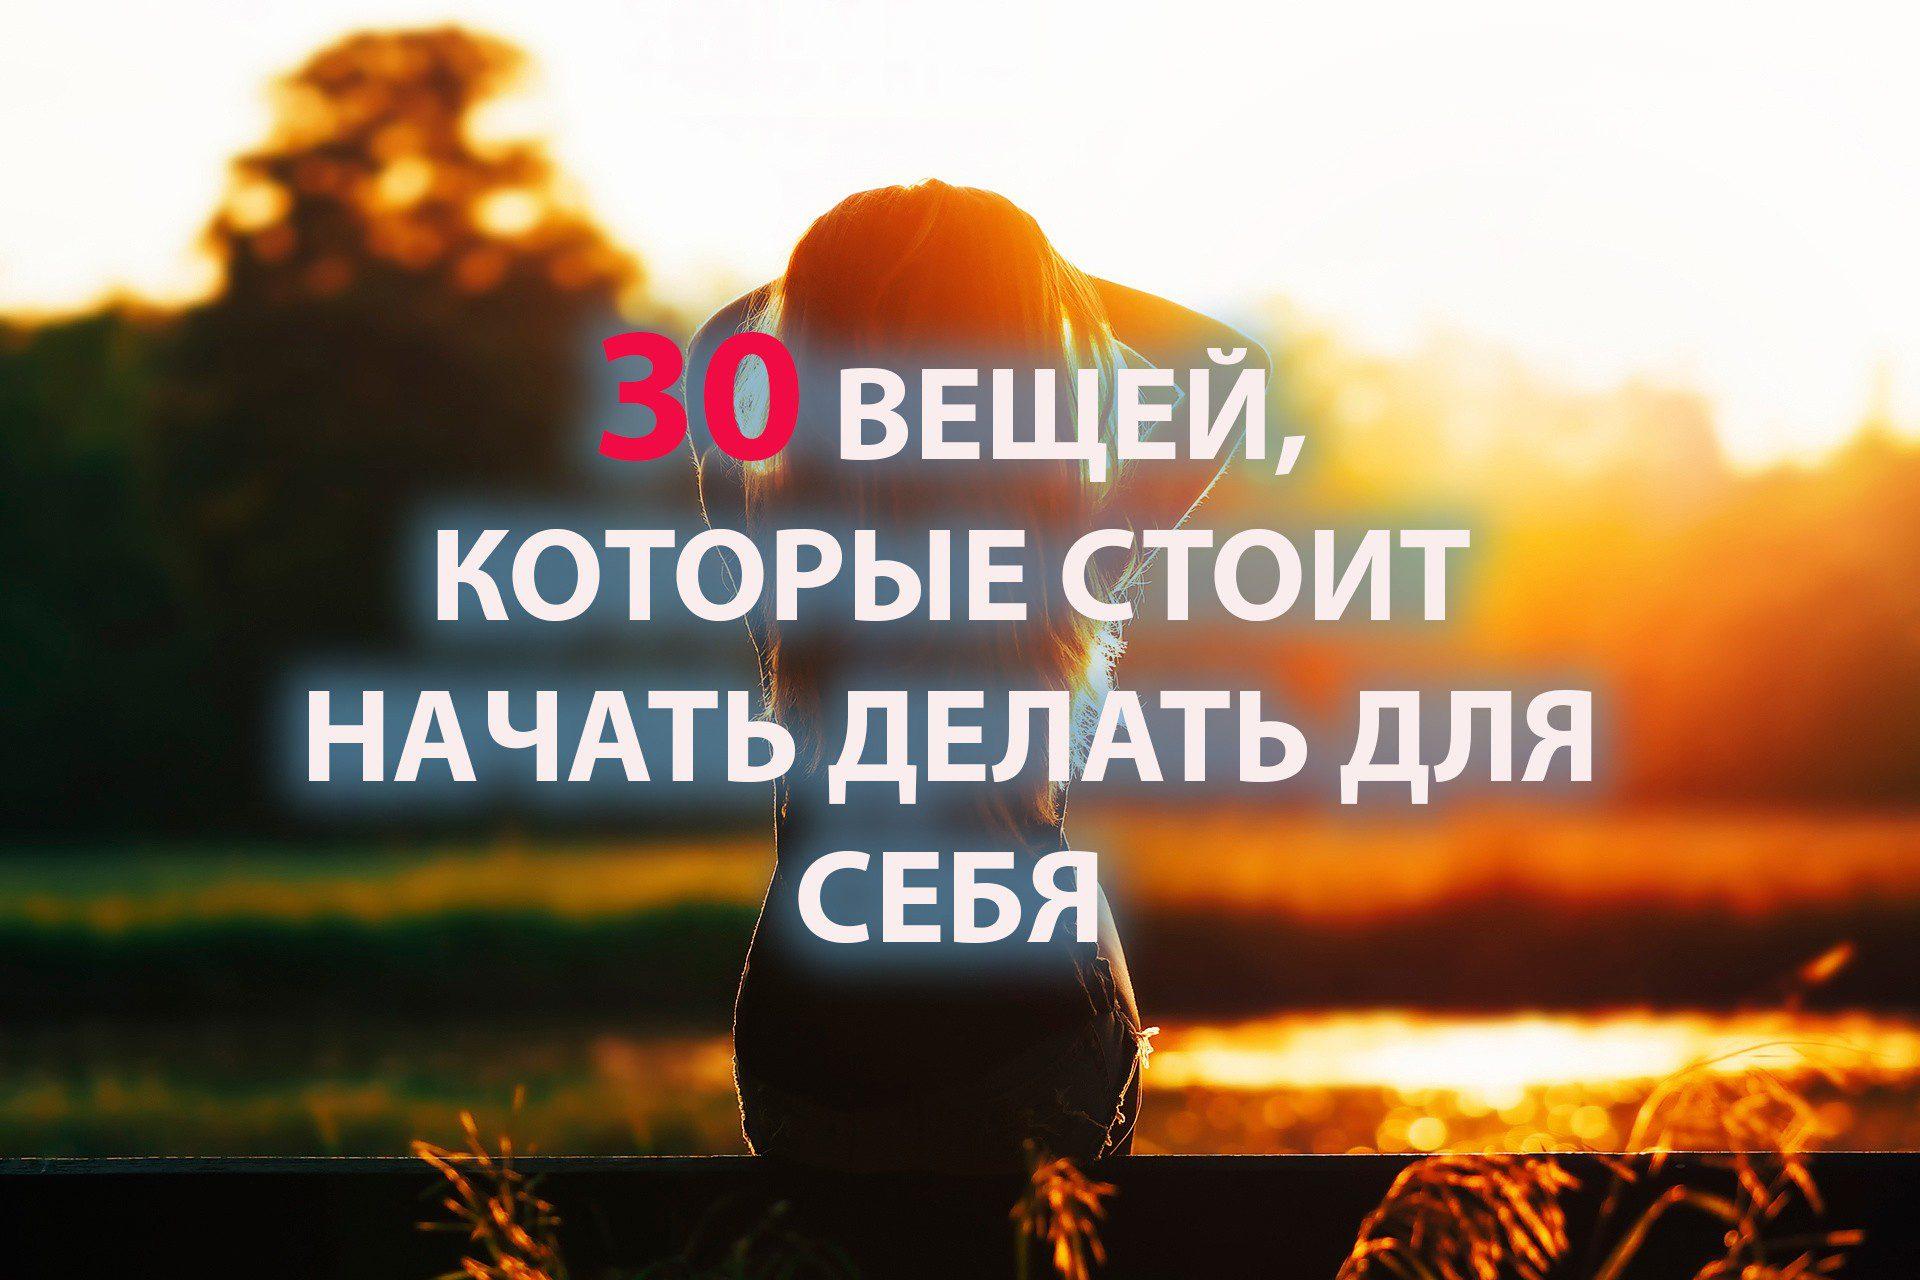 30 ВЕЩЕЙ, КОТОРЫЕ СТОИТ НАЧАТЬ ДЕЛАТЬ ДЛЯ СЕБЯ